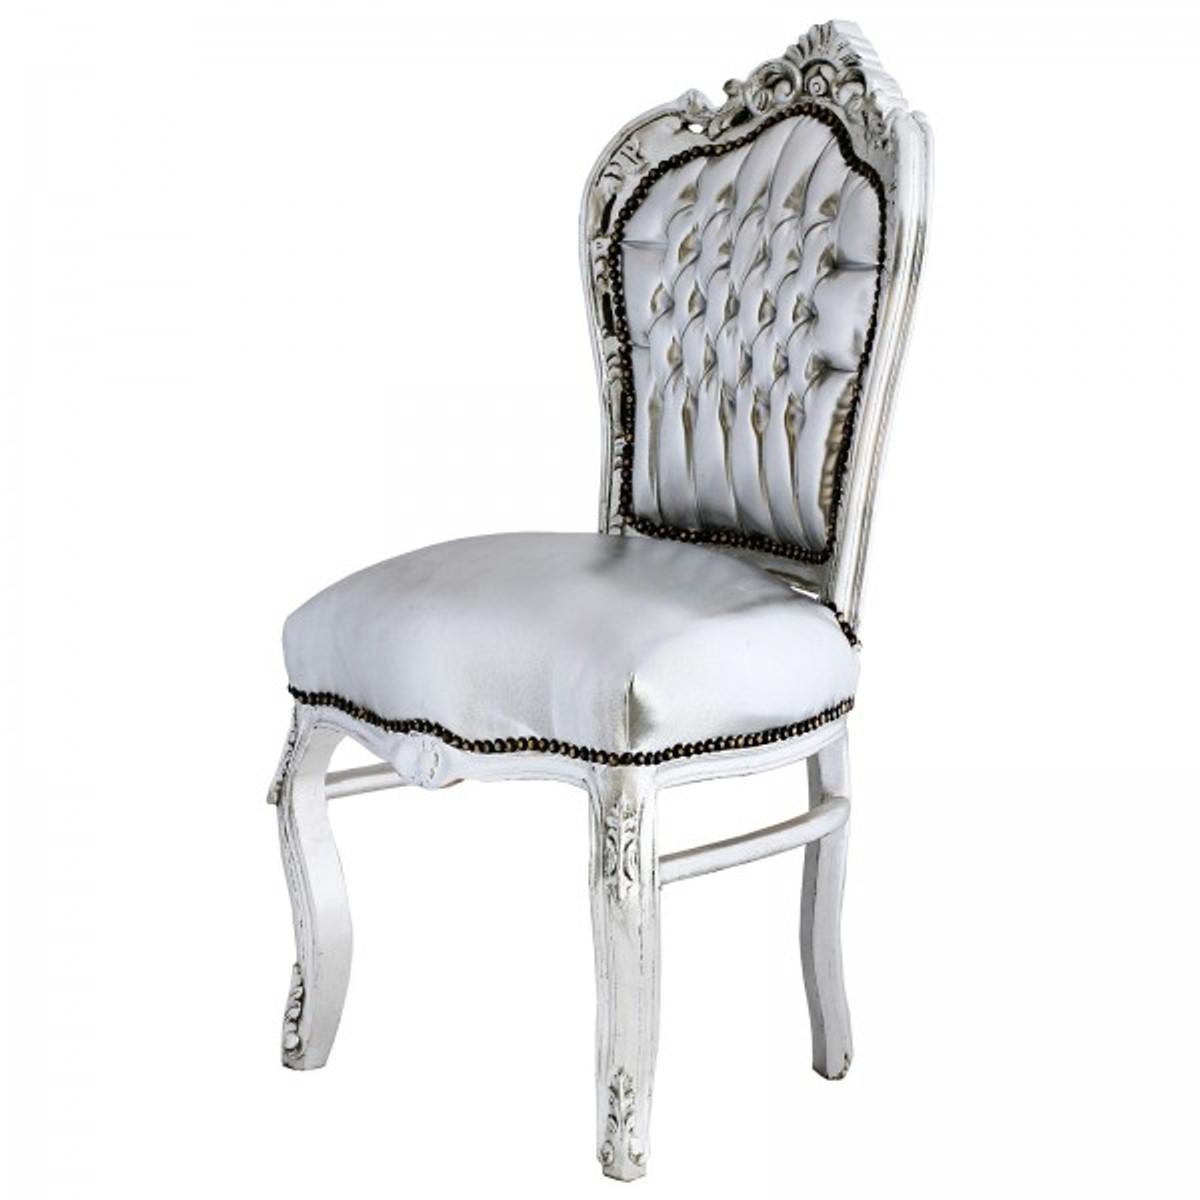 Paket Stuhl Set 6 Stuhle Esszimmer Barock Design In Silber